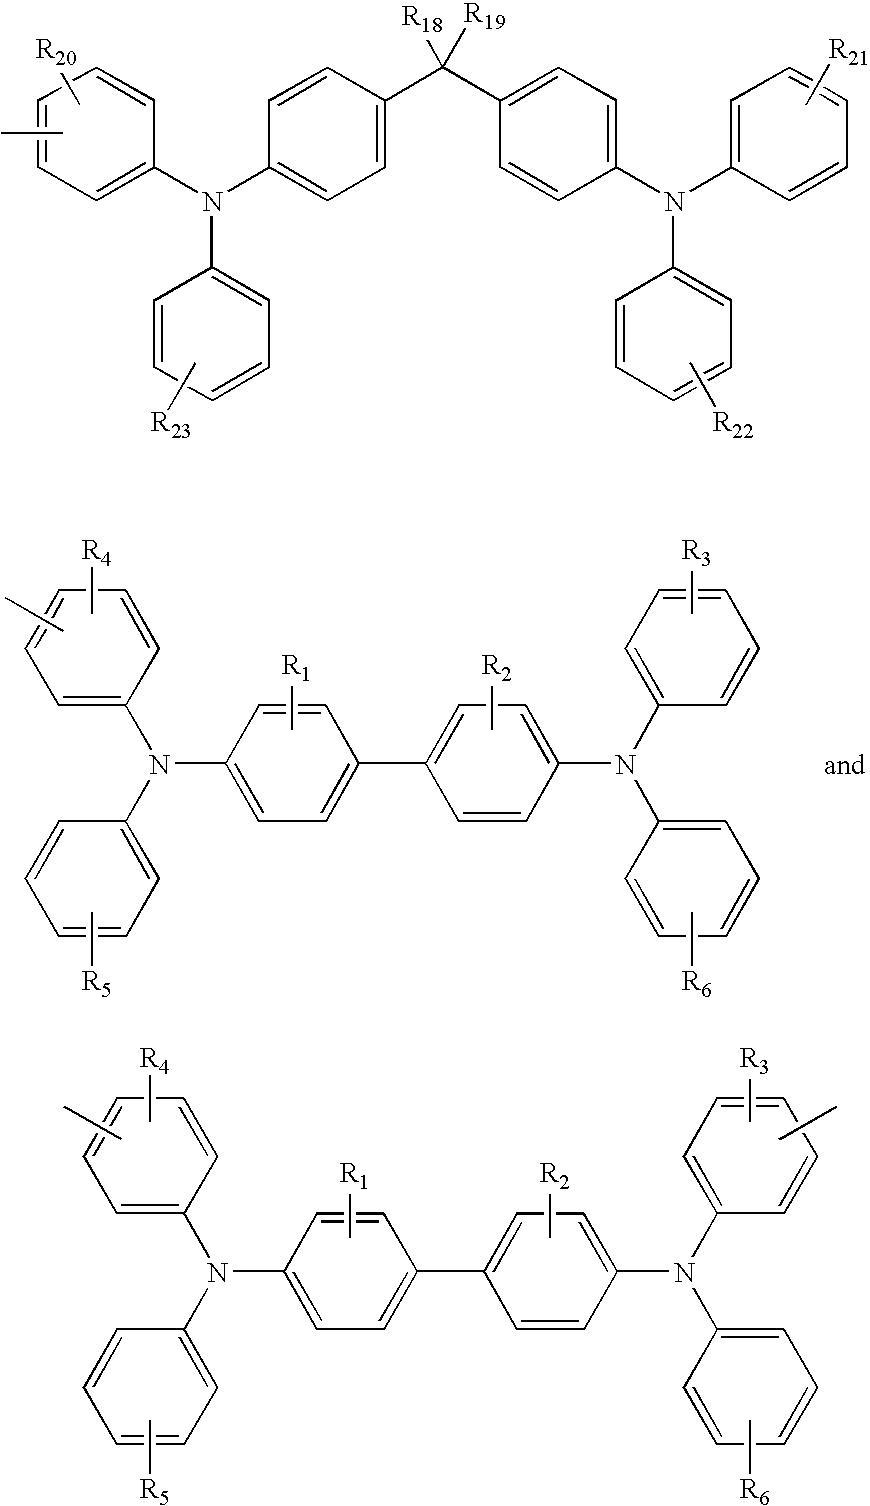 Figure US20070087277A1-20070419-C00002